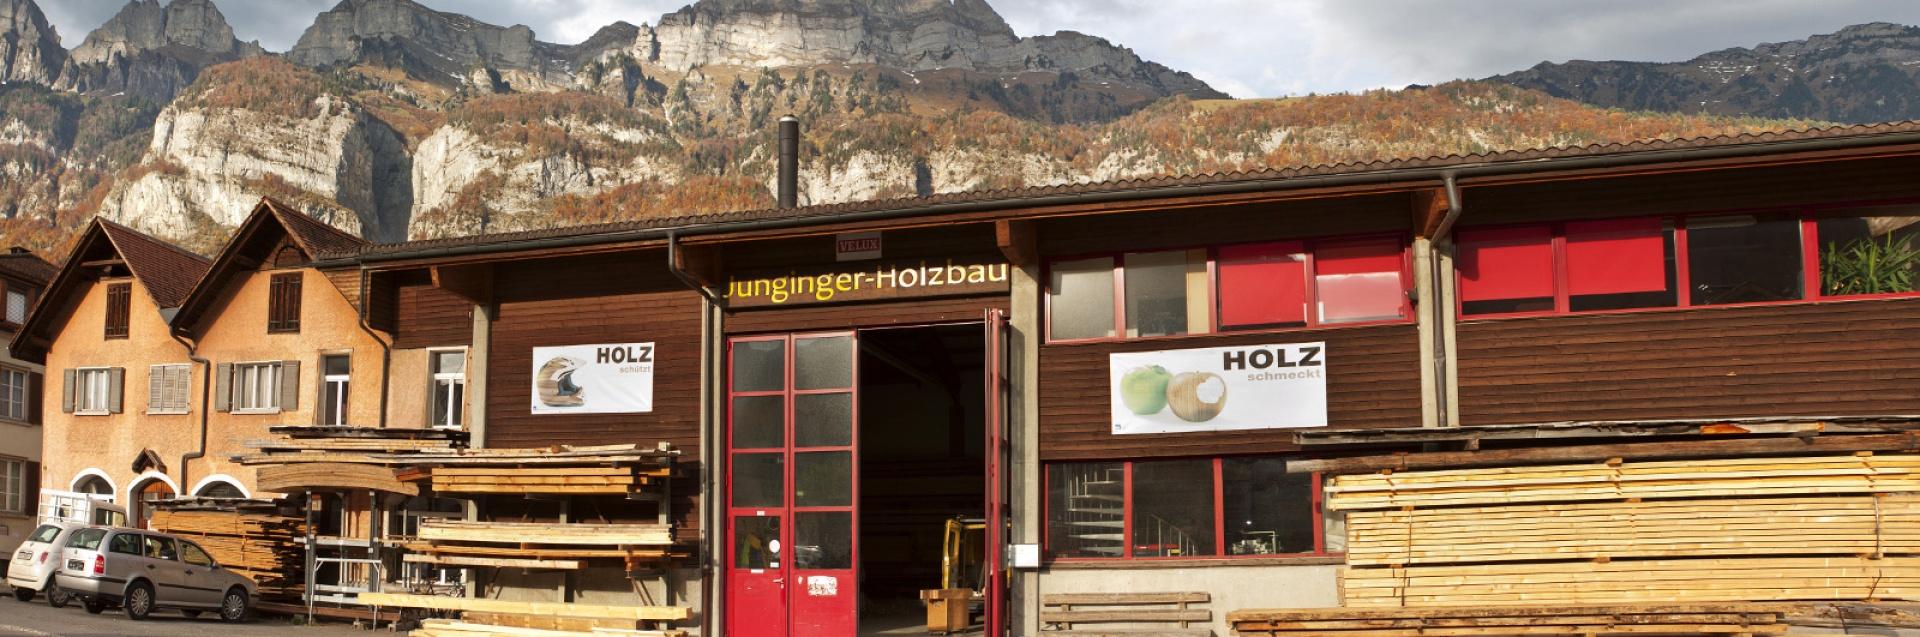 Junginger Holzbau Banner